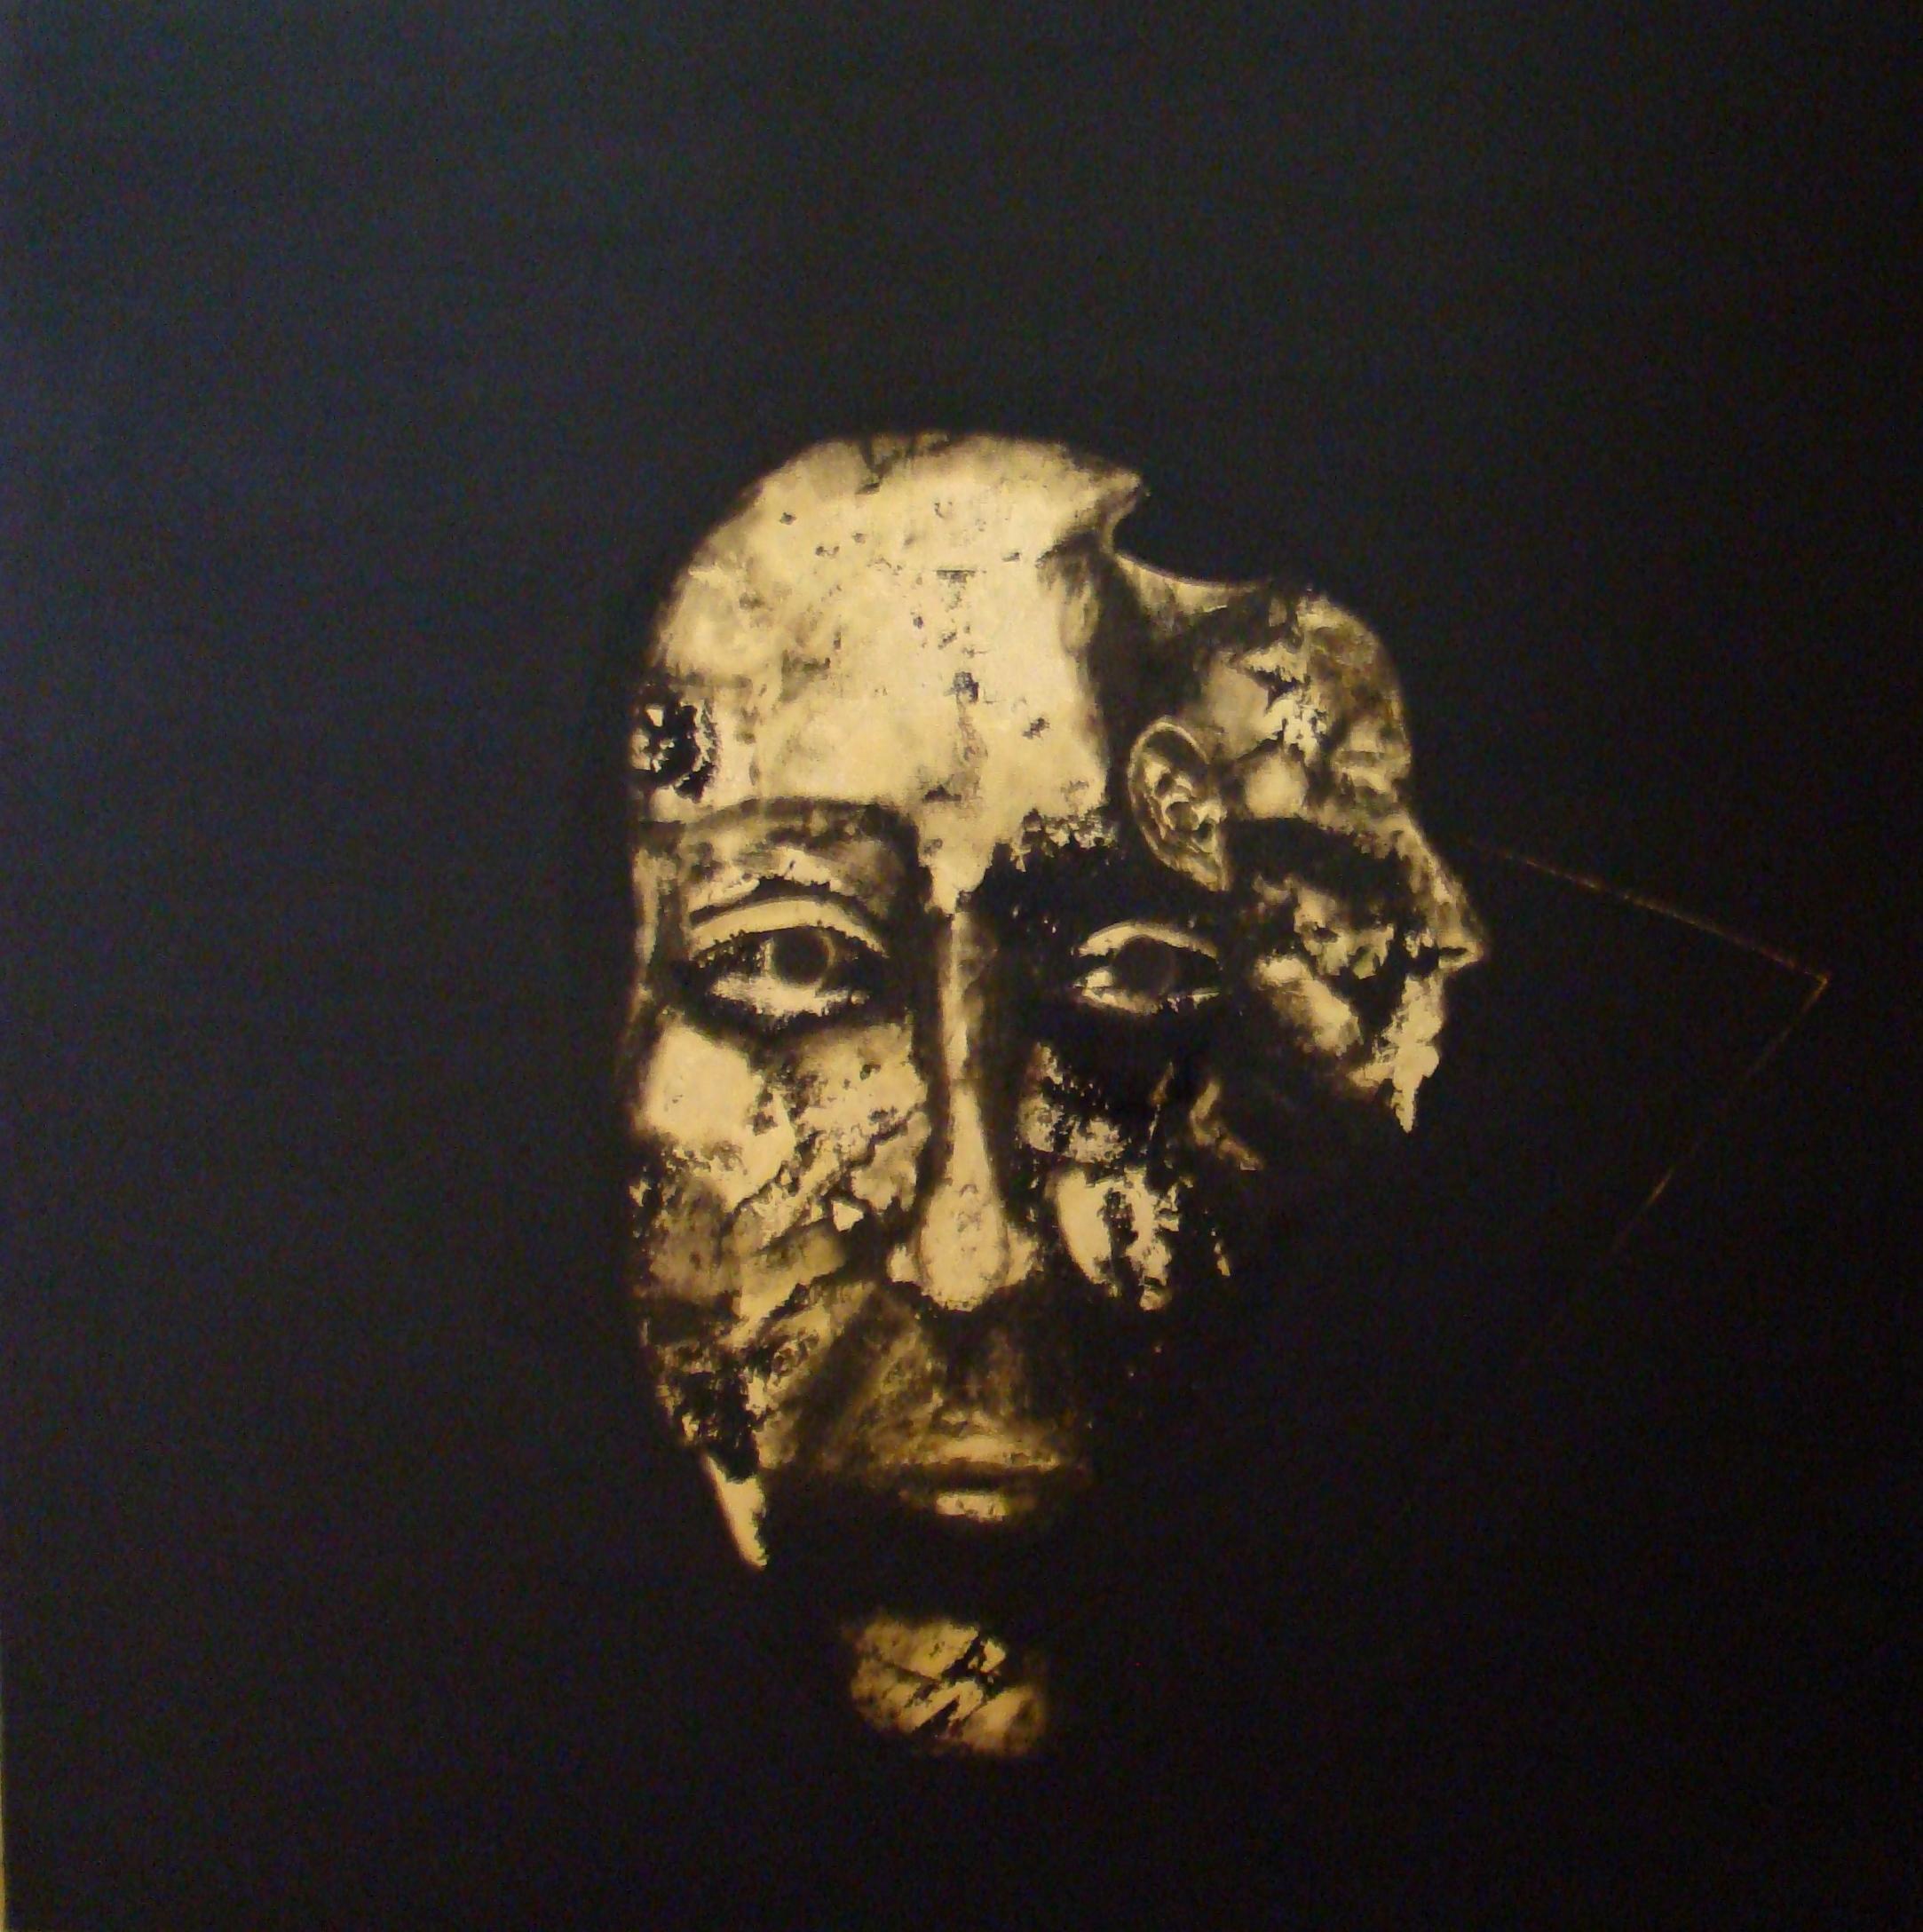 le Doute - « Plus profondément le chagrin creusera votre être,plus vous pourrez contenir de joie. »K. Gibran